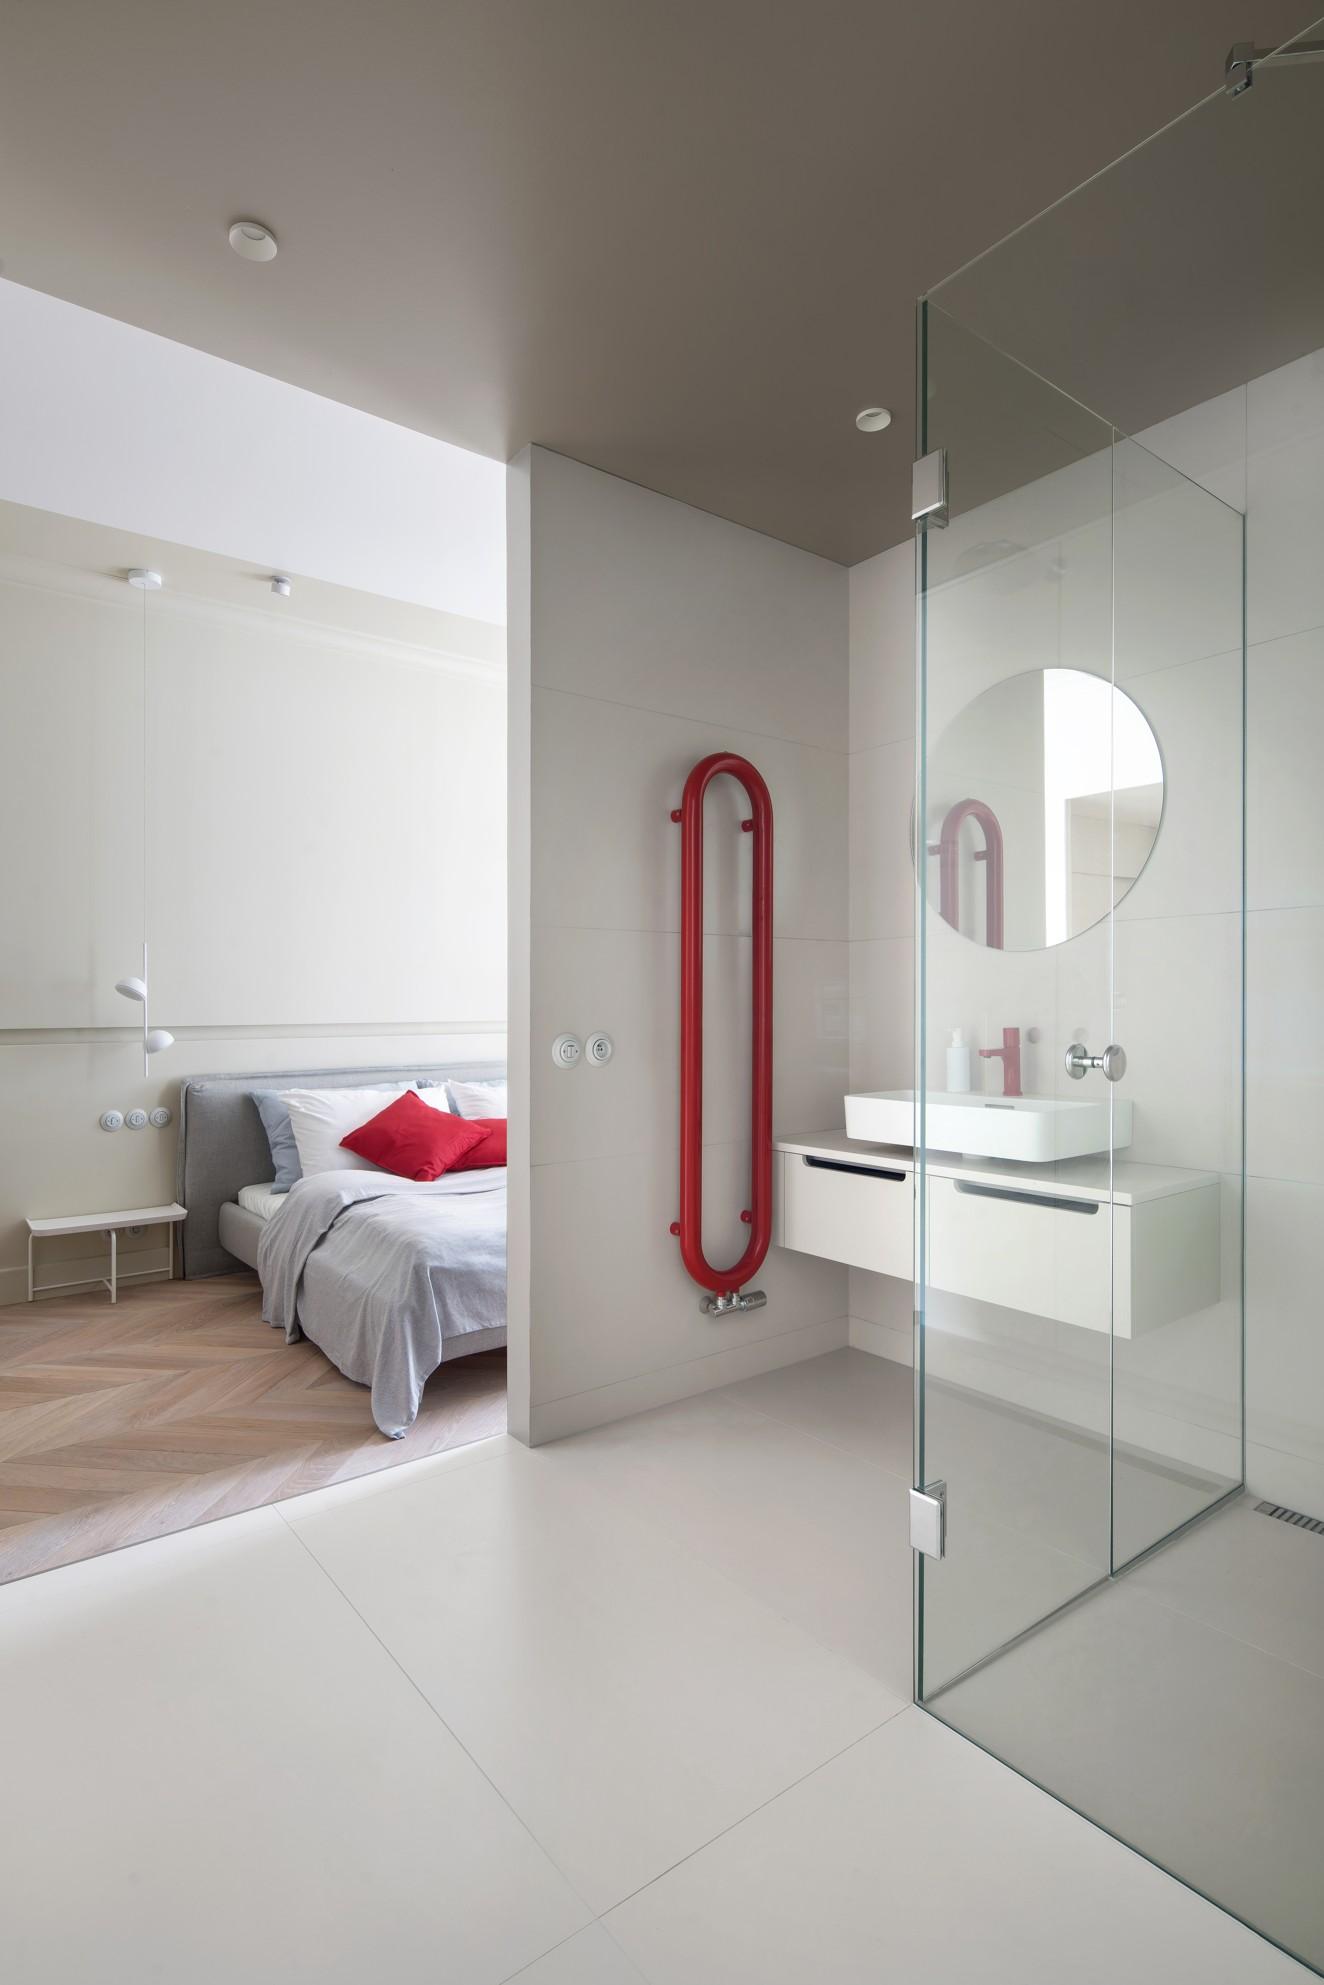 moderná kúpeľňa so sprchovým kútom s prechodom do spálne